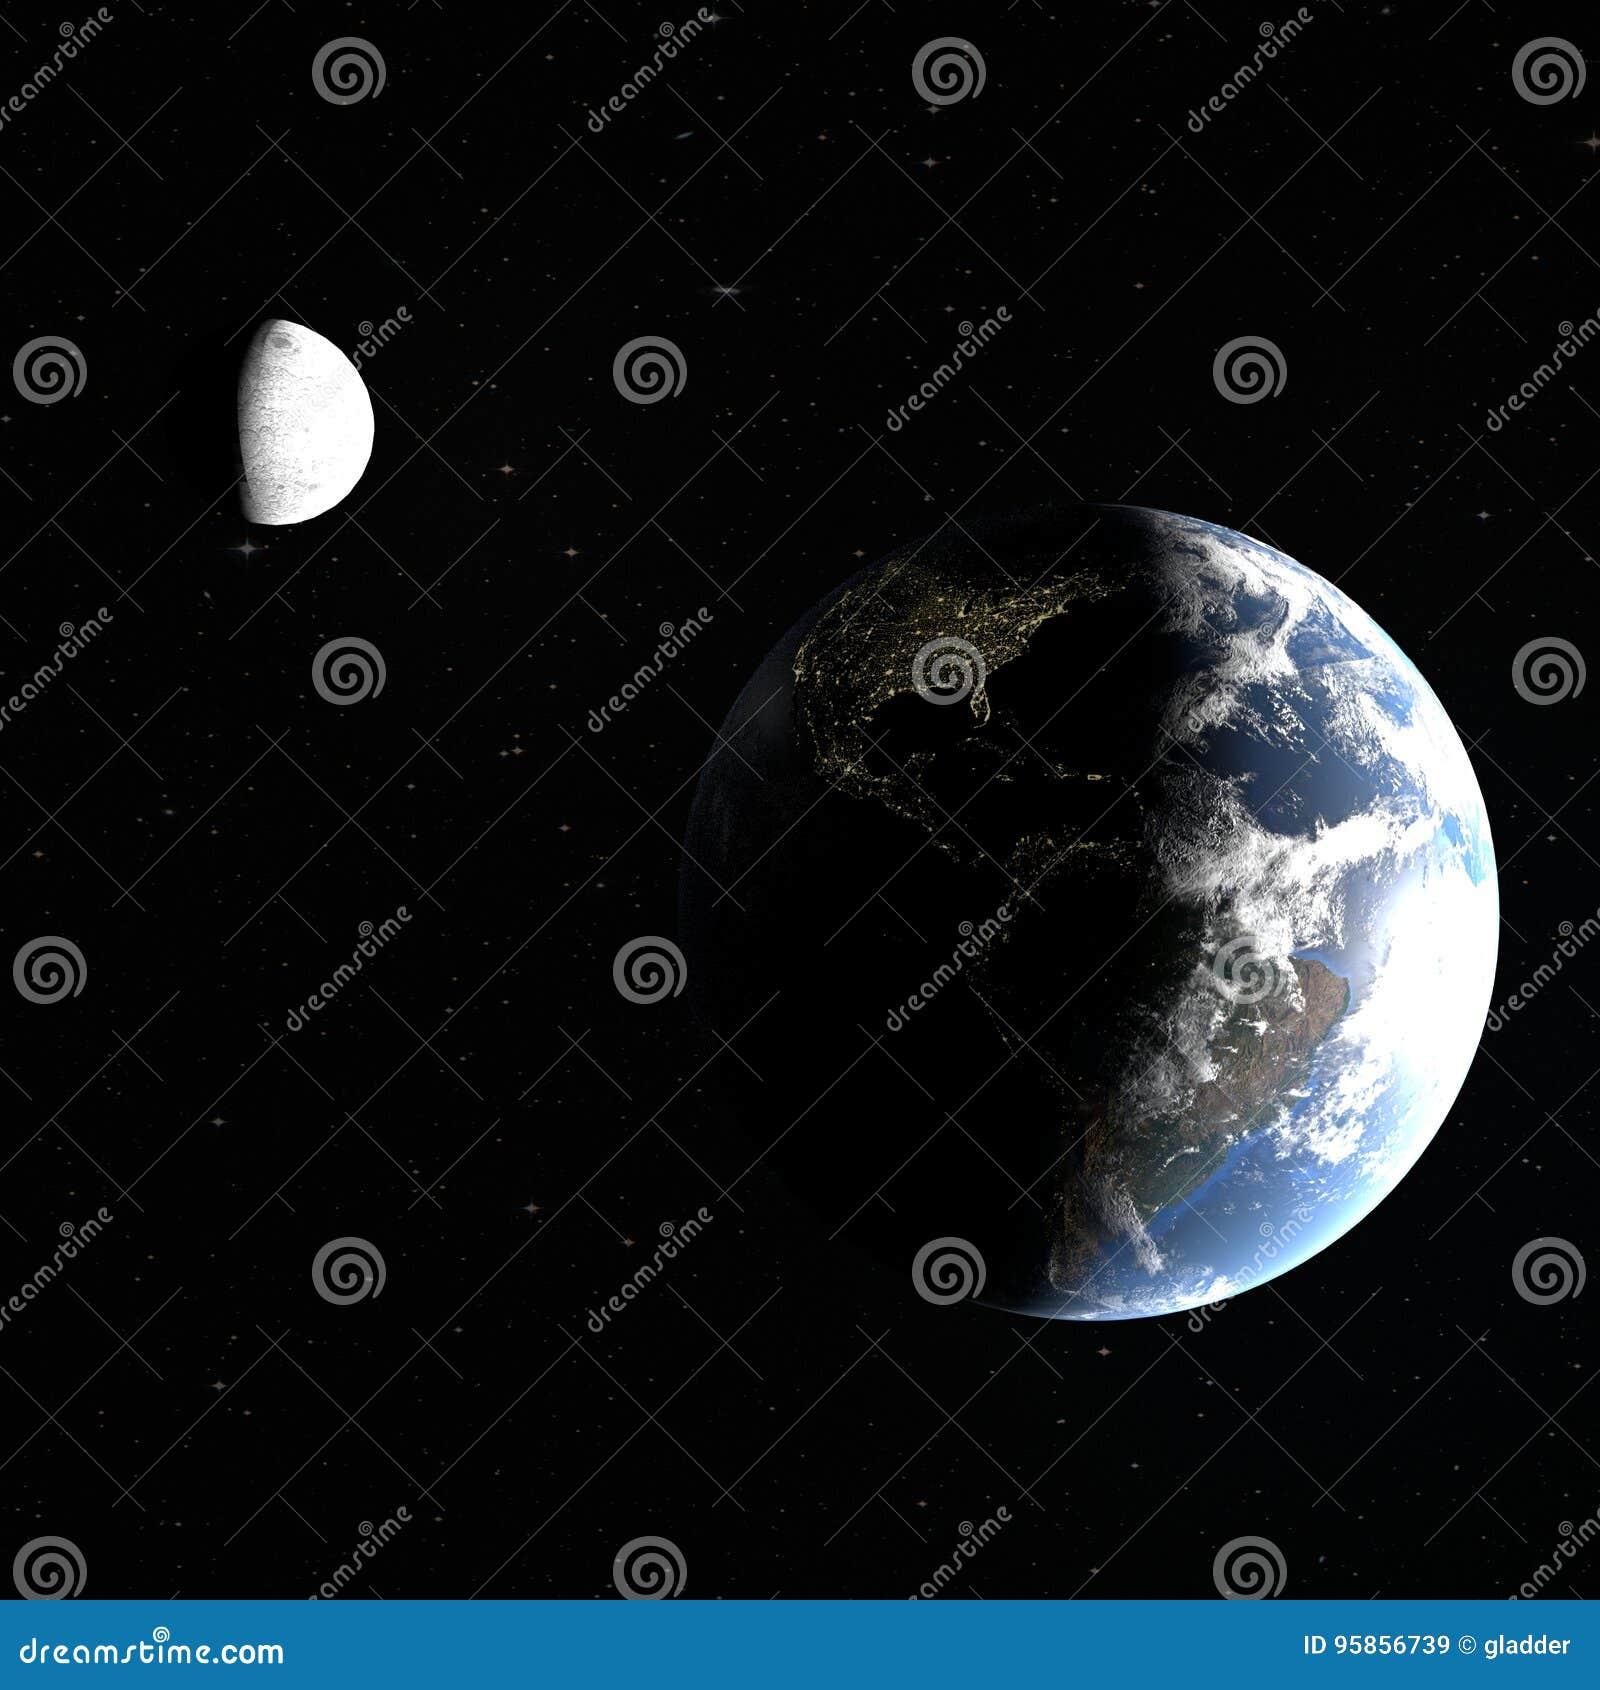 η τρισδιάστατη απόδοση του πλανήτη Γη με τις πόλεις νύχτας της Αμερικής και του φεγγαριού, που φωτίζονται μερικώς από τον ήλιο, τ